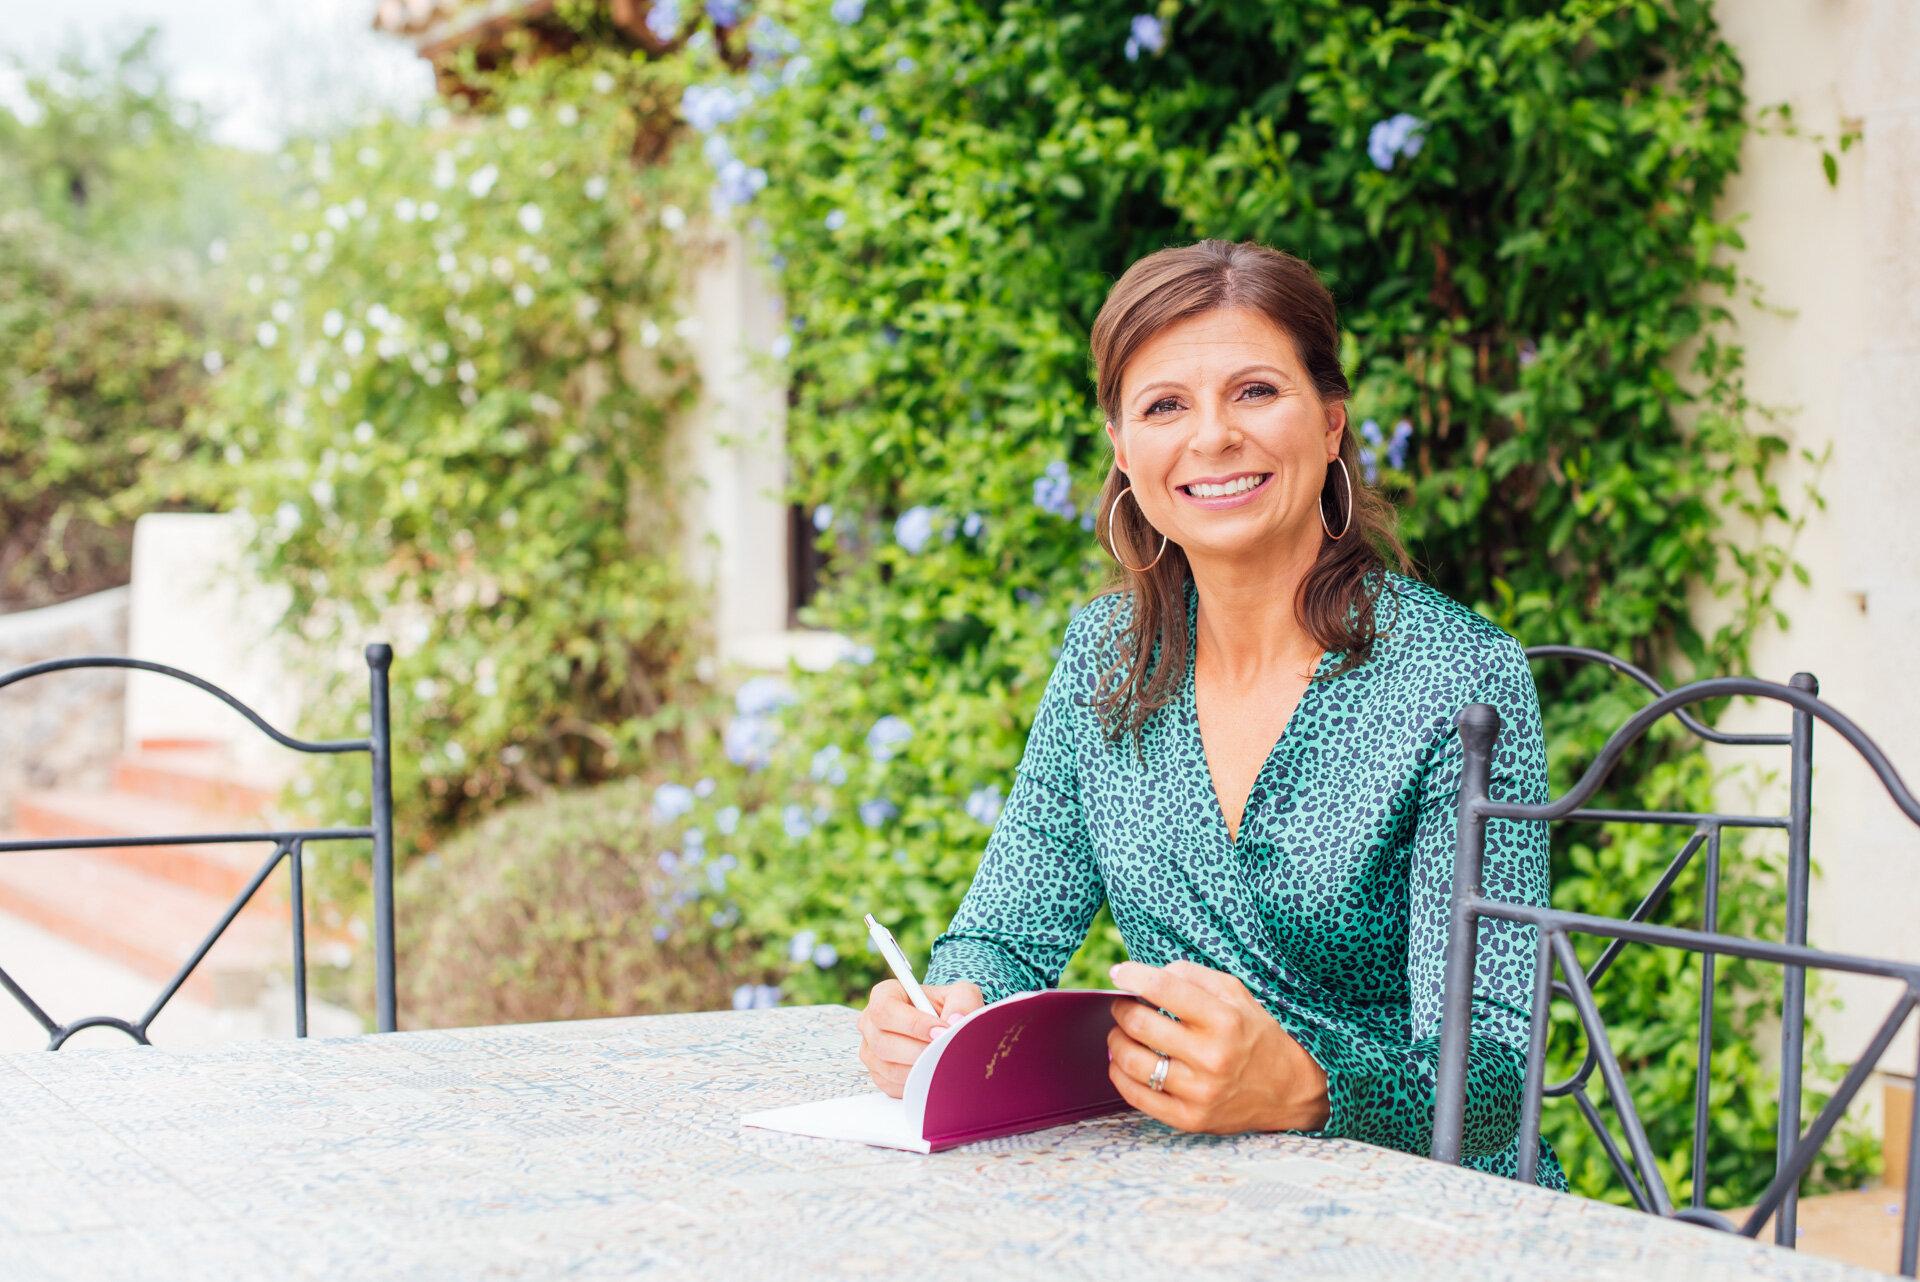 Bristol-Hypnotherapist-Melanie-Gillespie-Hypnotherapy-Web-34.jpg